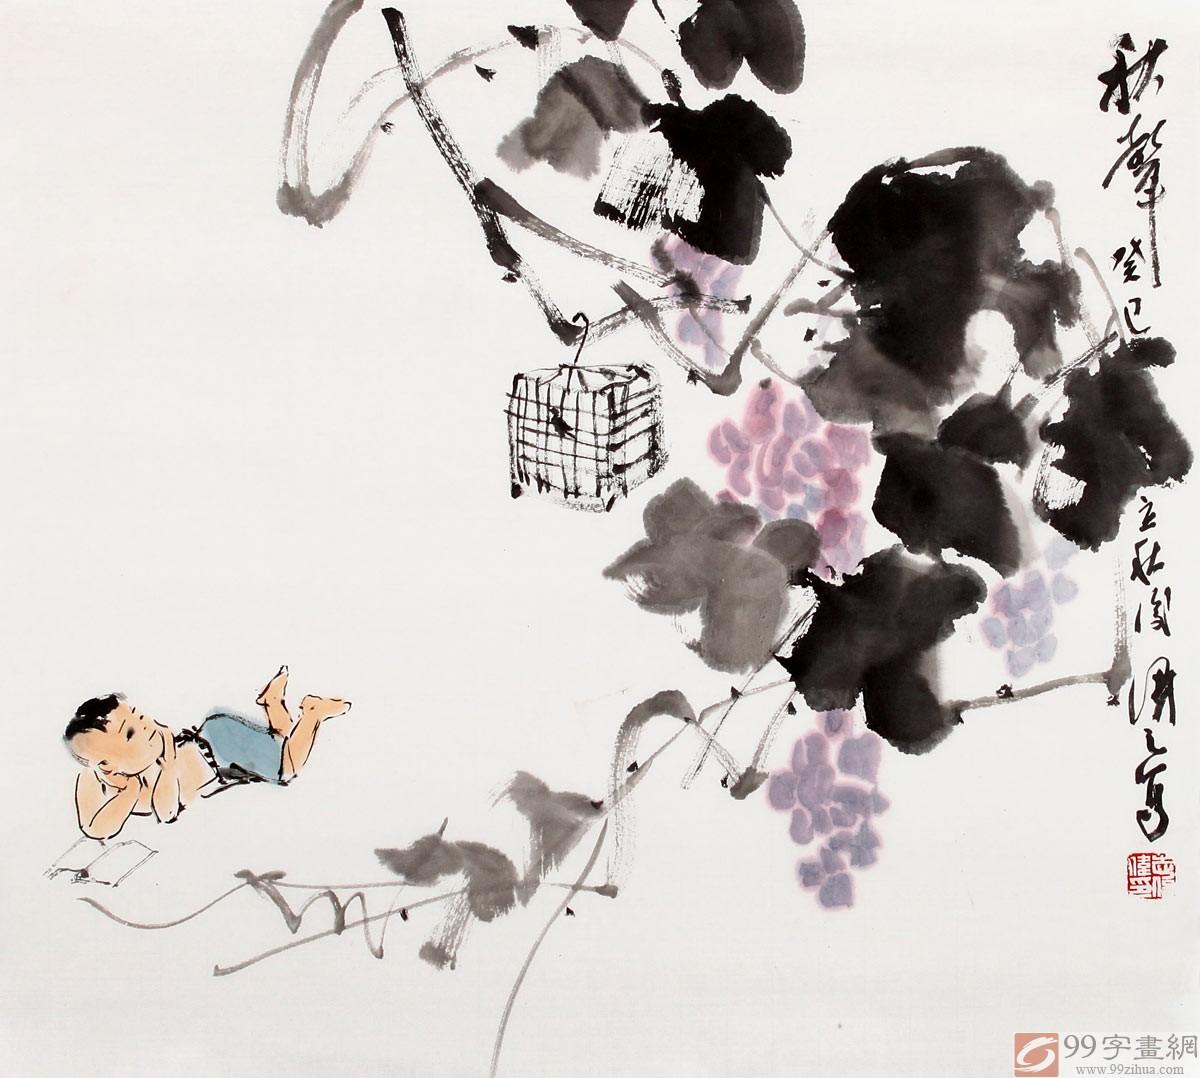 陈漫之小尺寸紫藤国画《秋声》图片